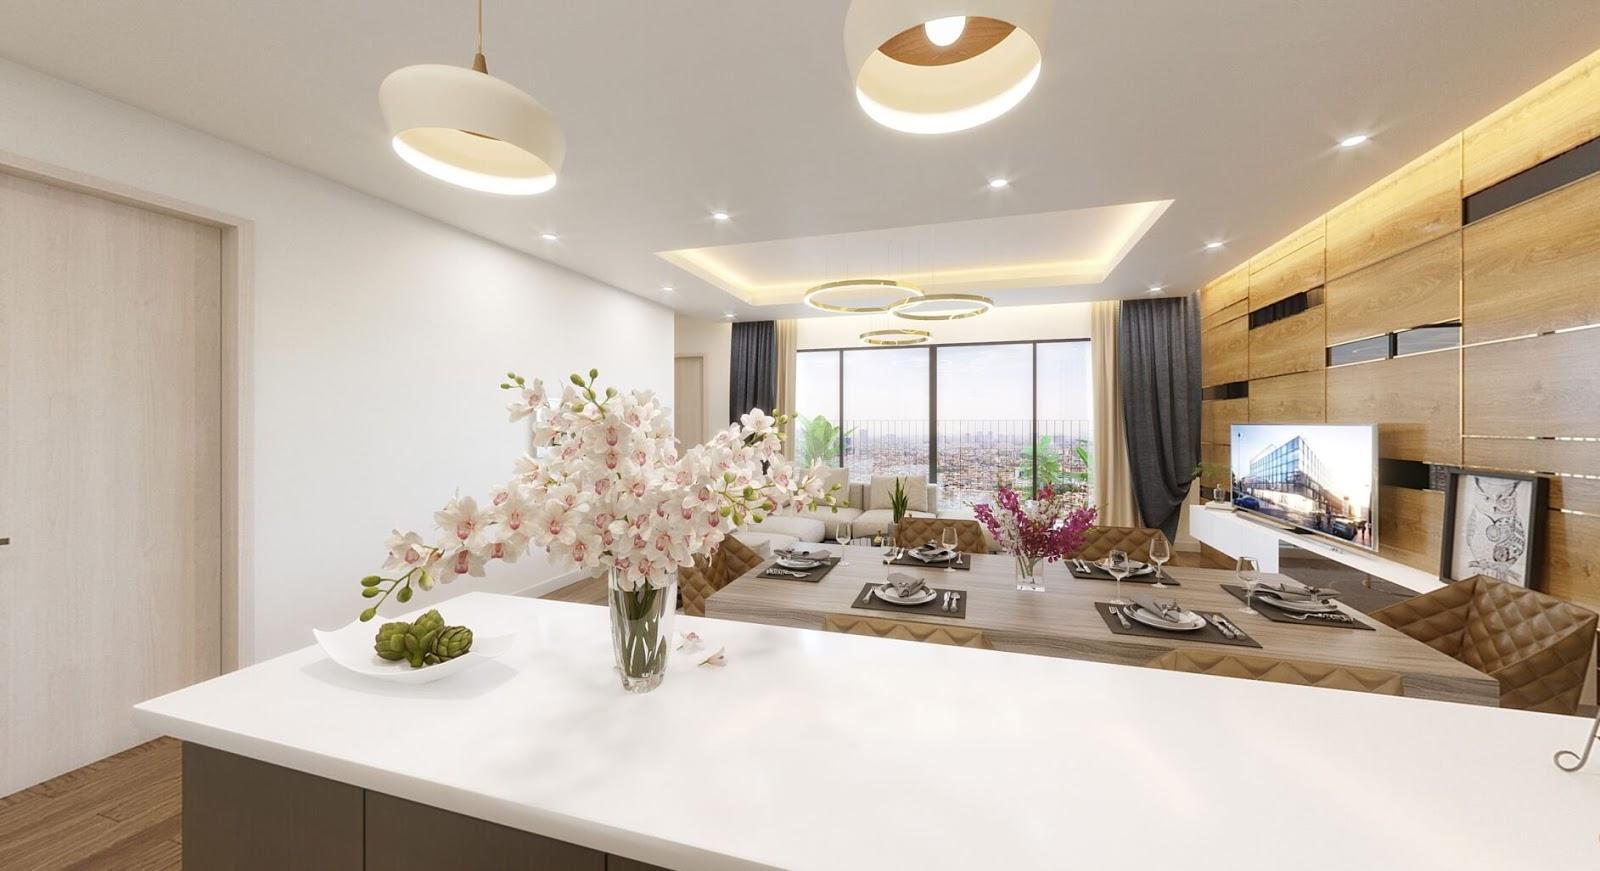 Cho thuê căn hộ 3 phòng ngủ chung cư Amber Riverside